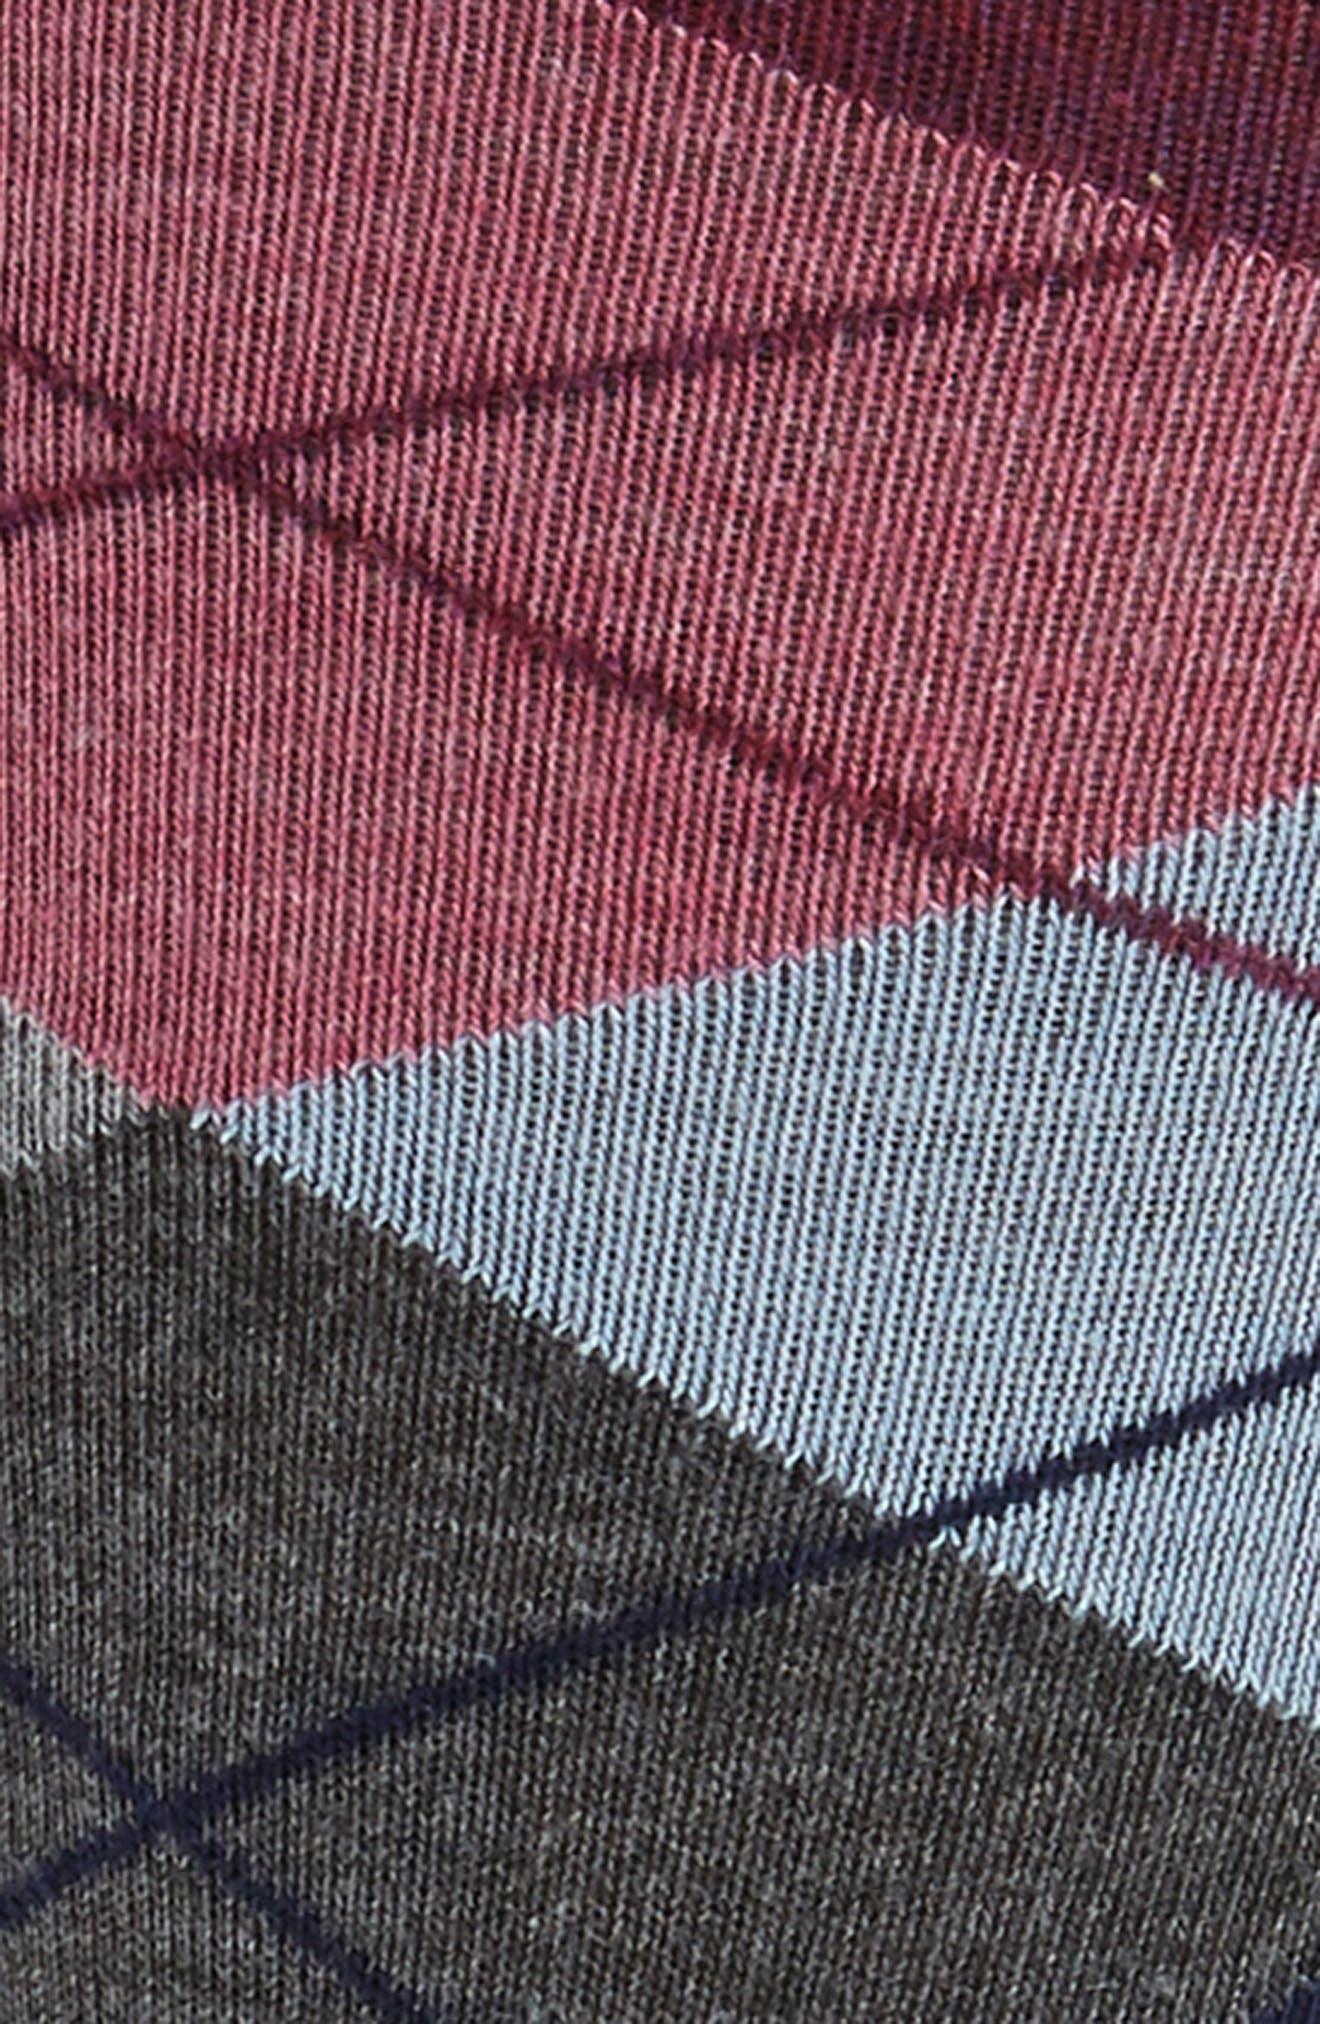 Argyle Socks,                             Alternate thumbnail 2, color,                             Burgundy